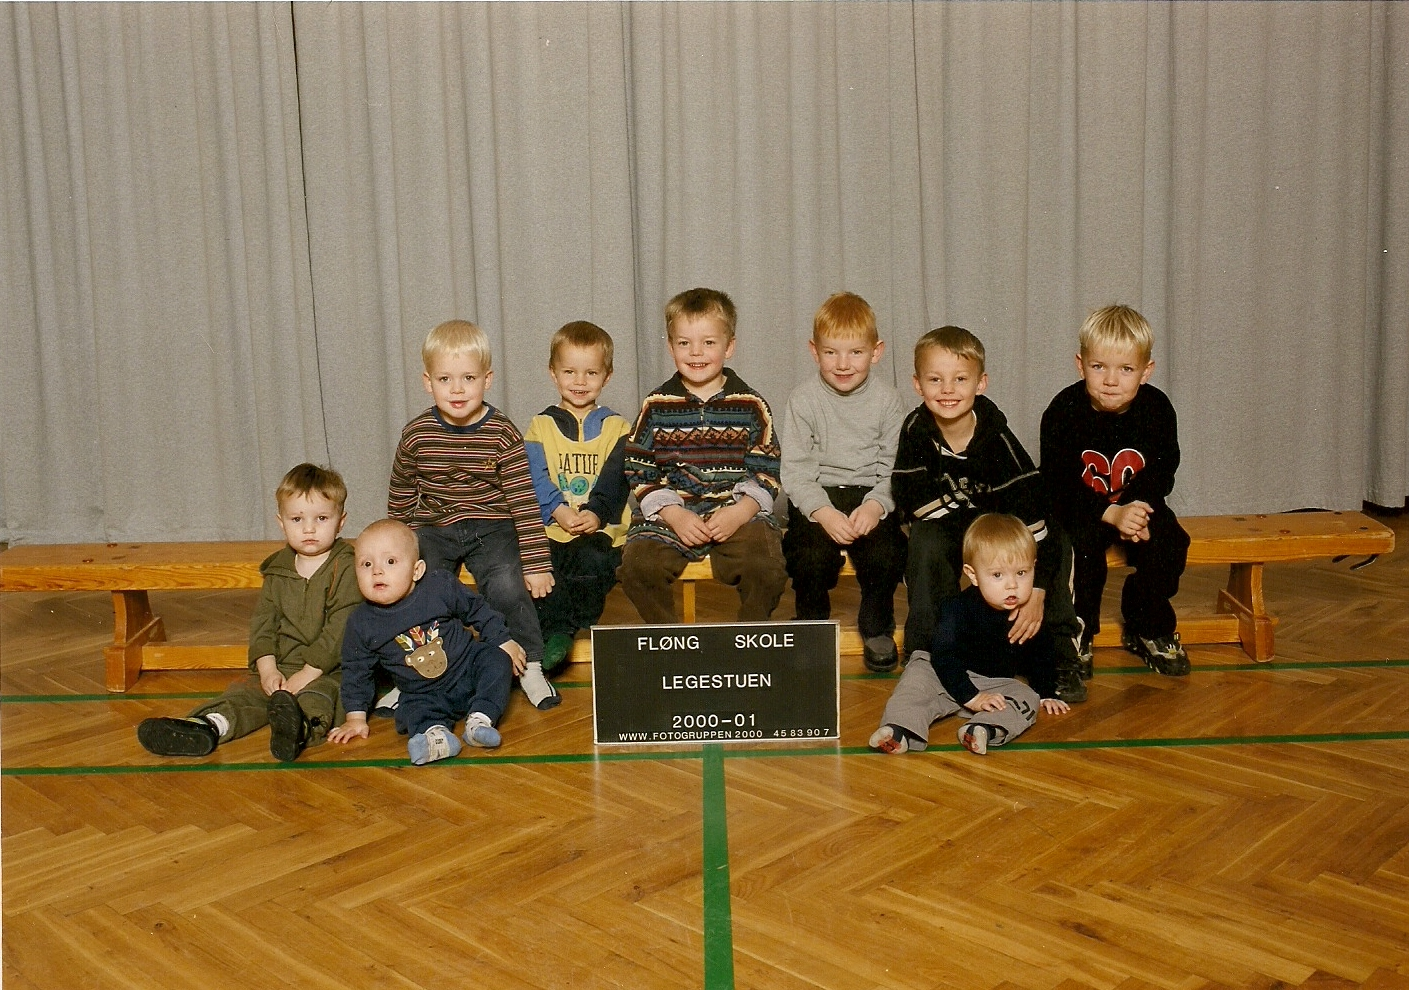 2000-Legestuen